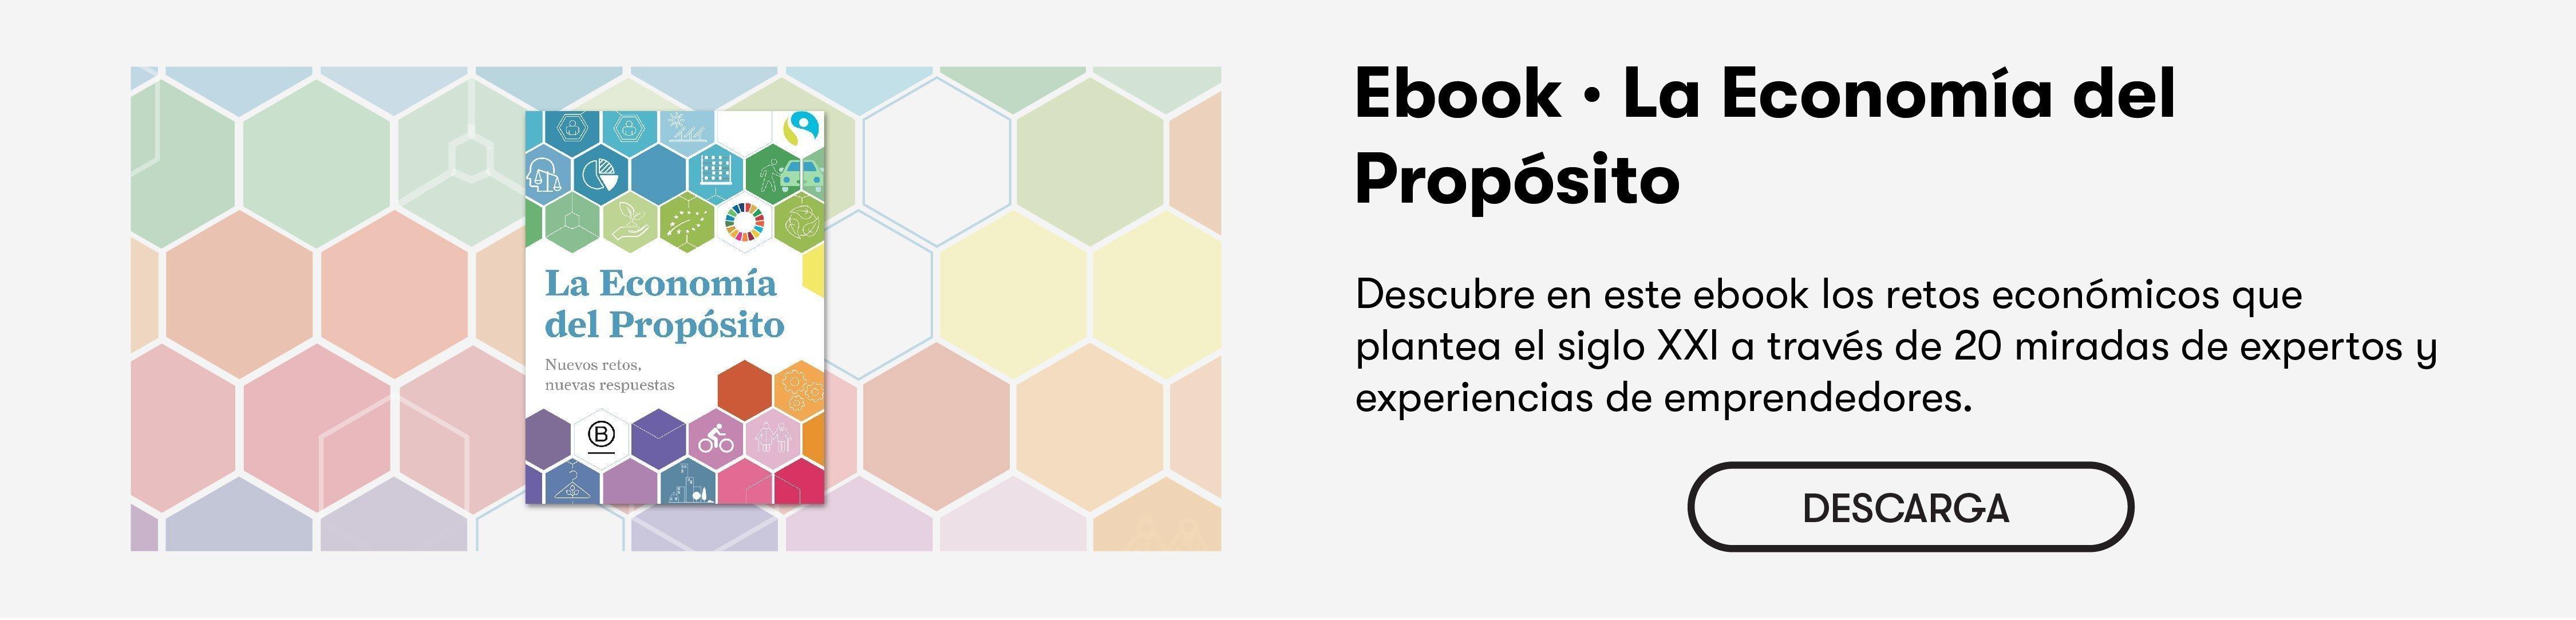 """Descárgate el ebook """"La Economía del Propósito"""""""